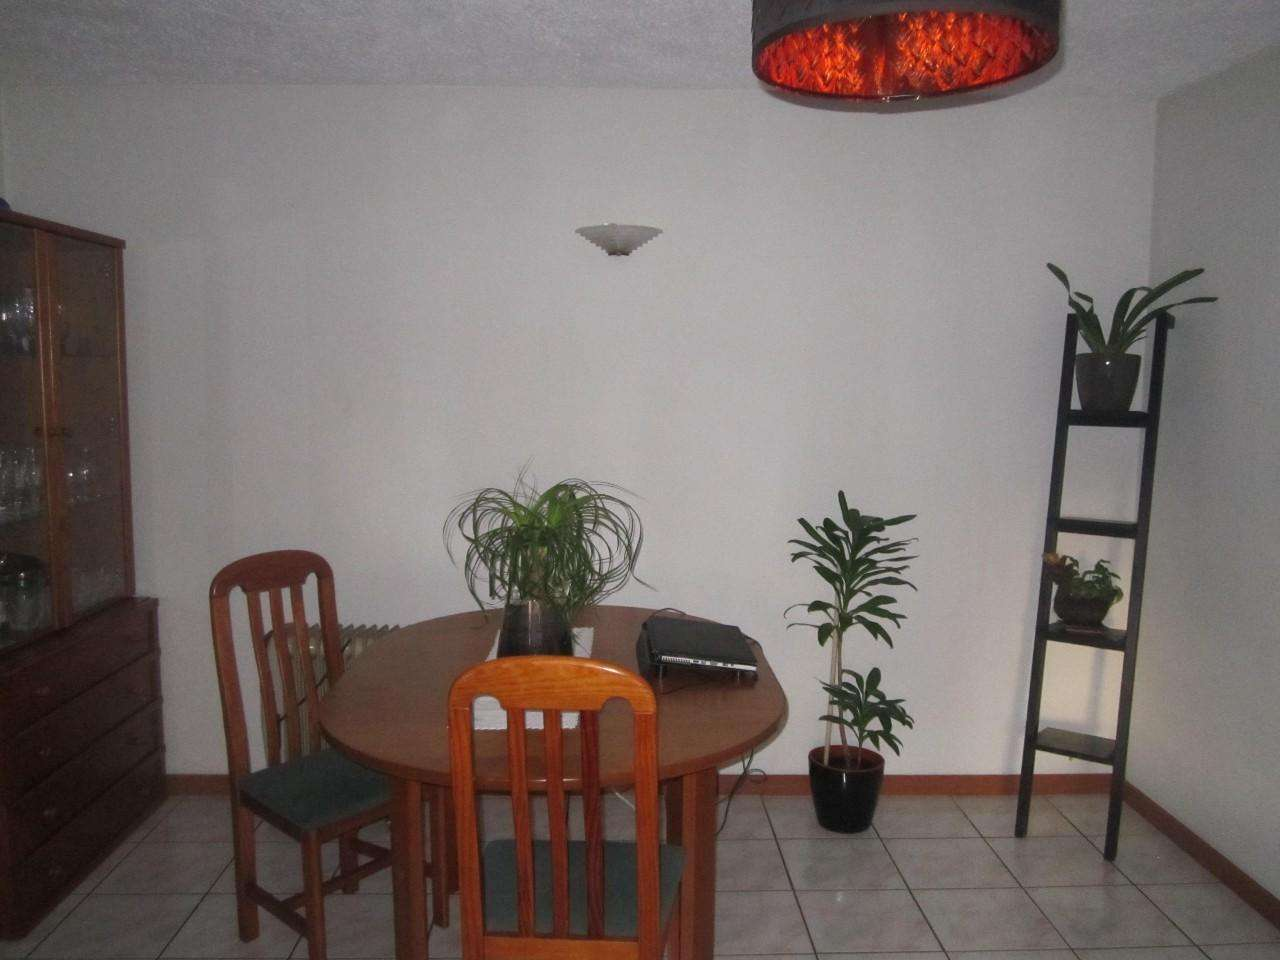 Apartamento para comprar, S. João da Madeira, São João da Madeira, Aveiro - Foto 10